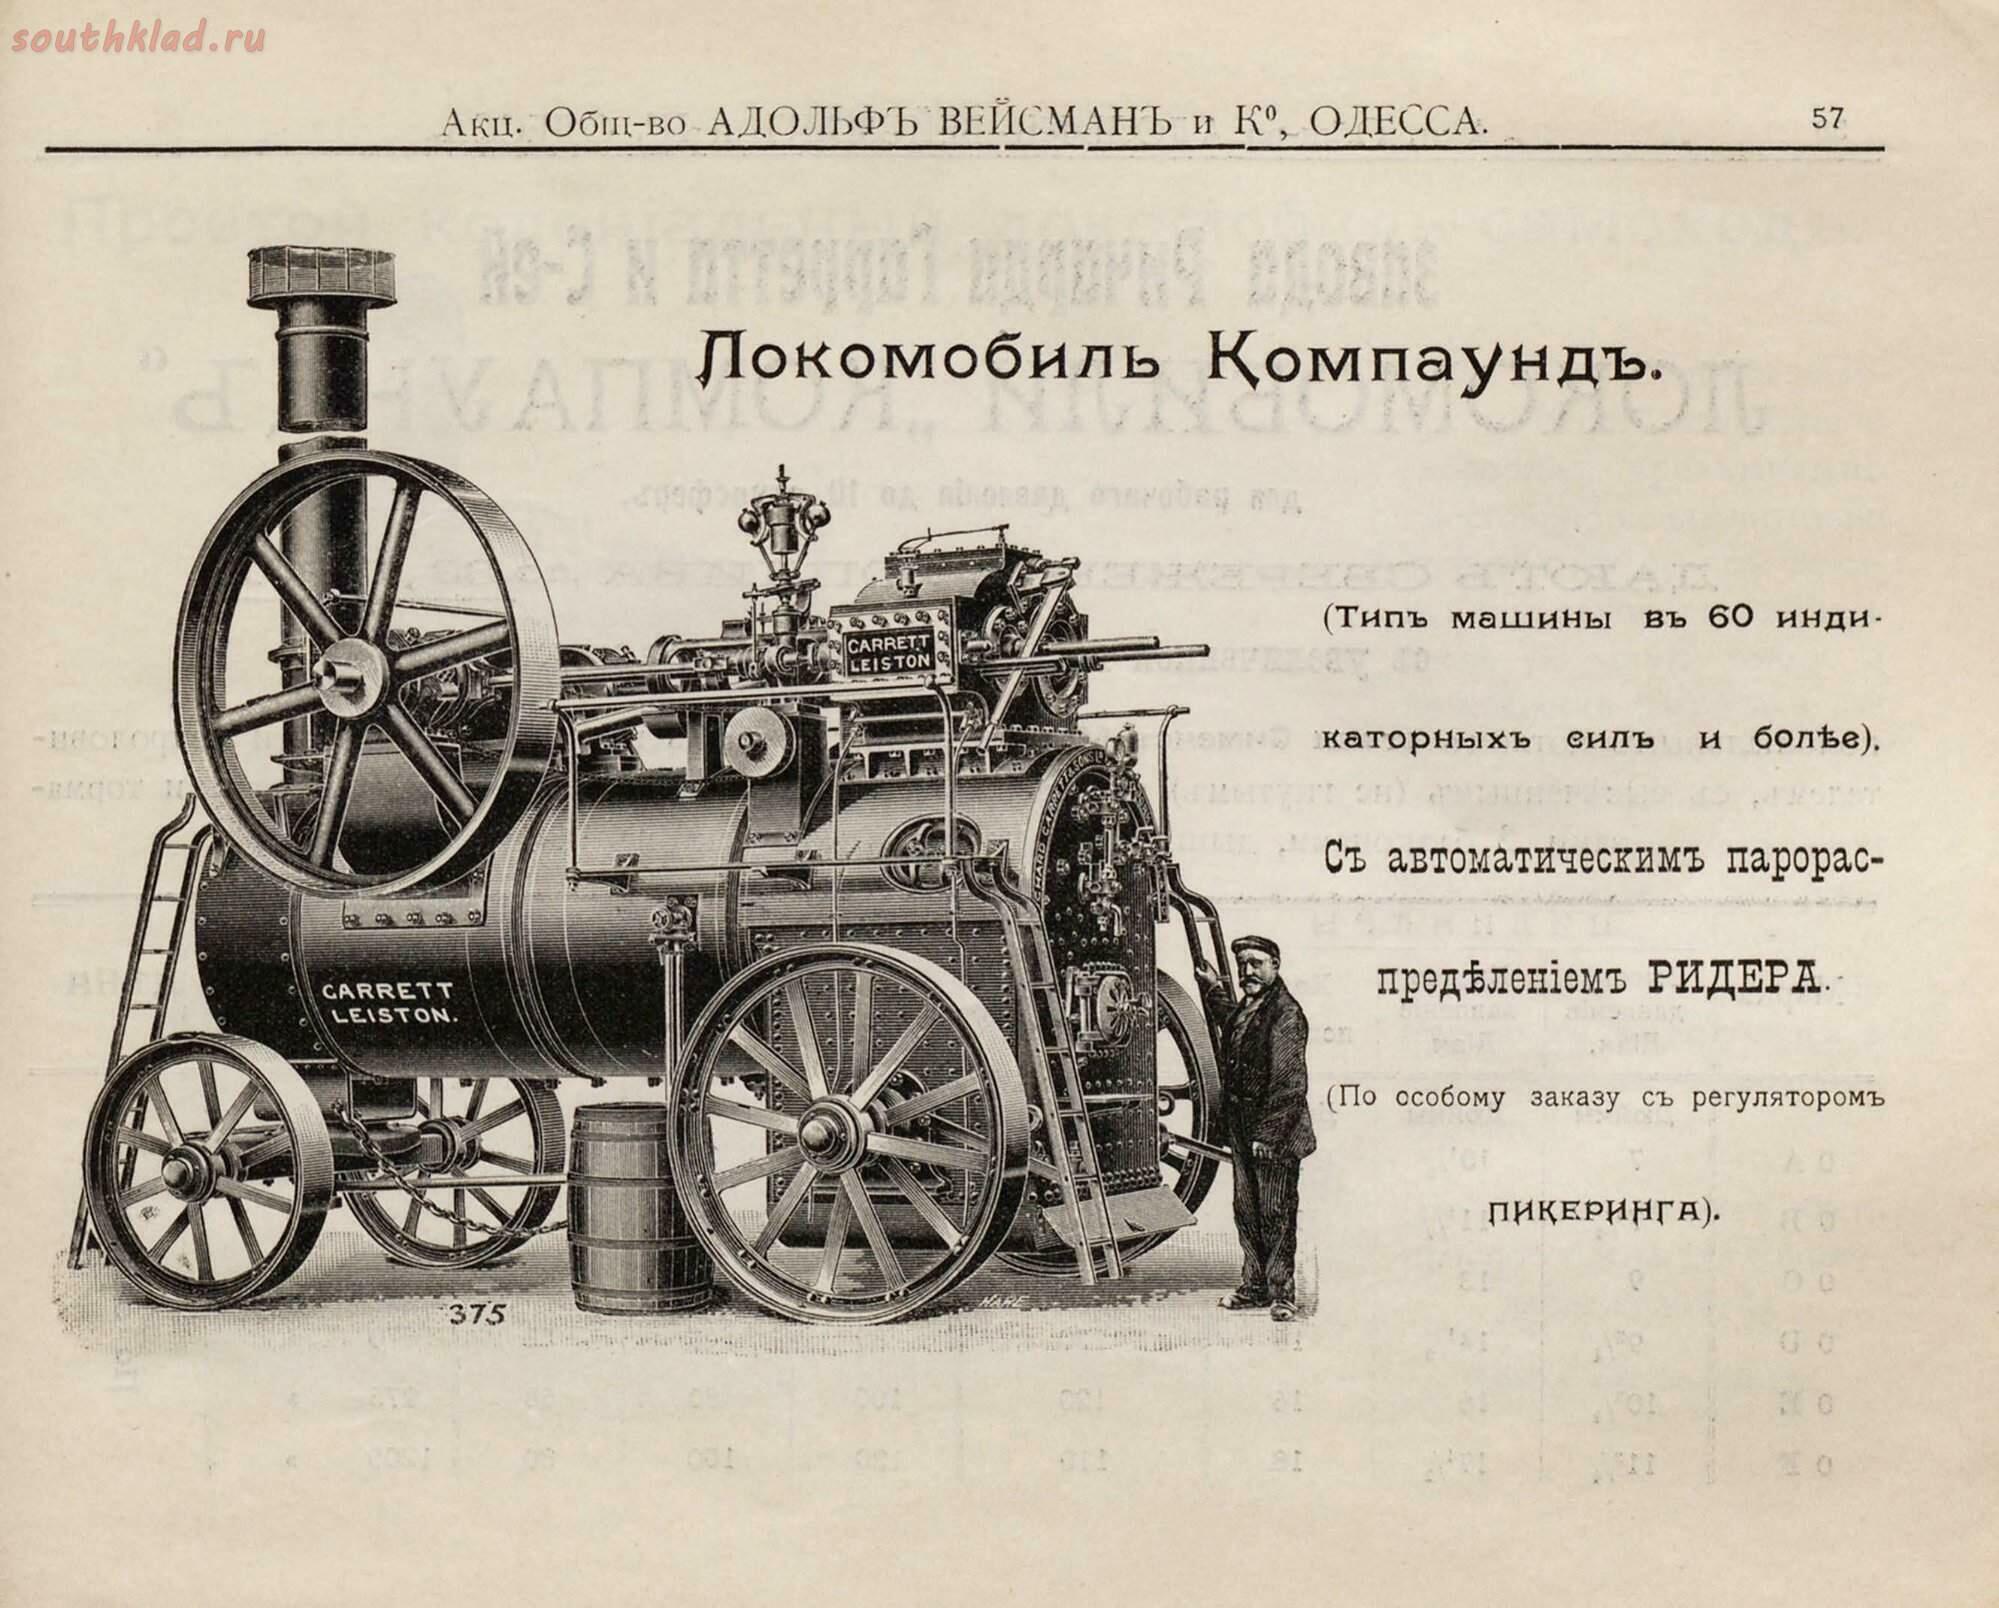 локомобиль Компаунд.